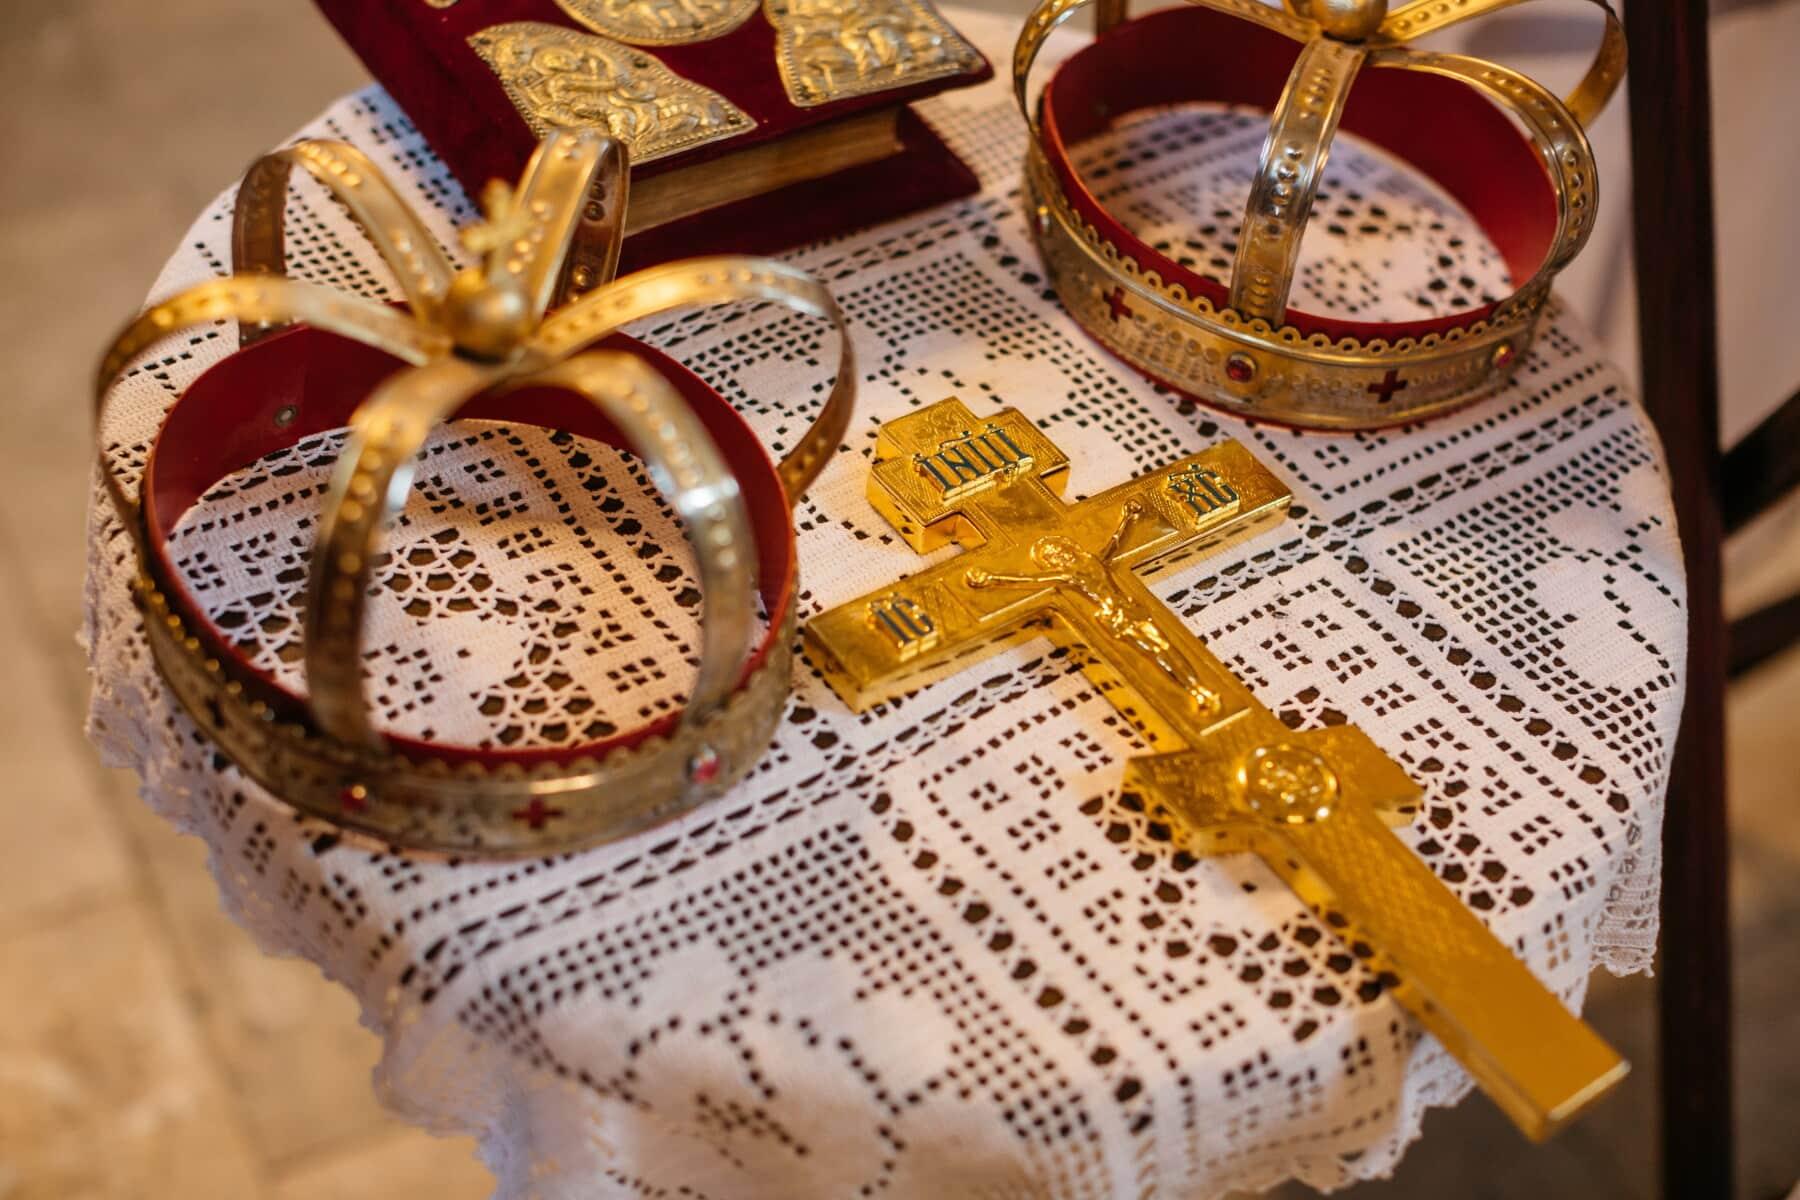 Kreuz, Gold, Christentum, teuer, Christus, Auferstehung, Krone, Krönung, Taufe, Weihnachten